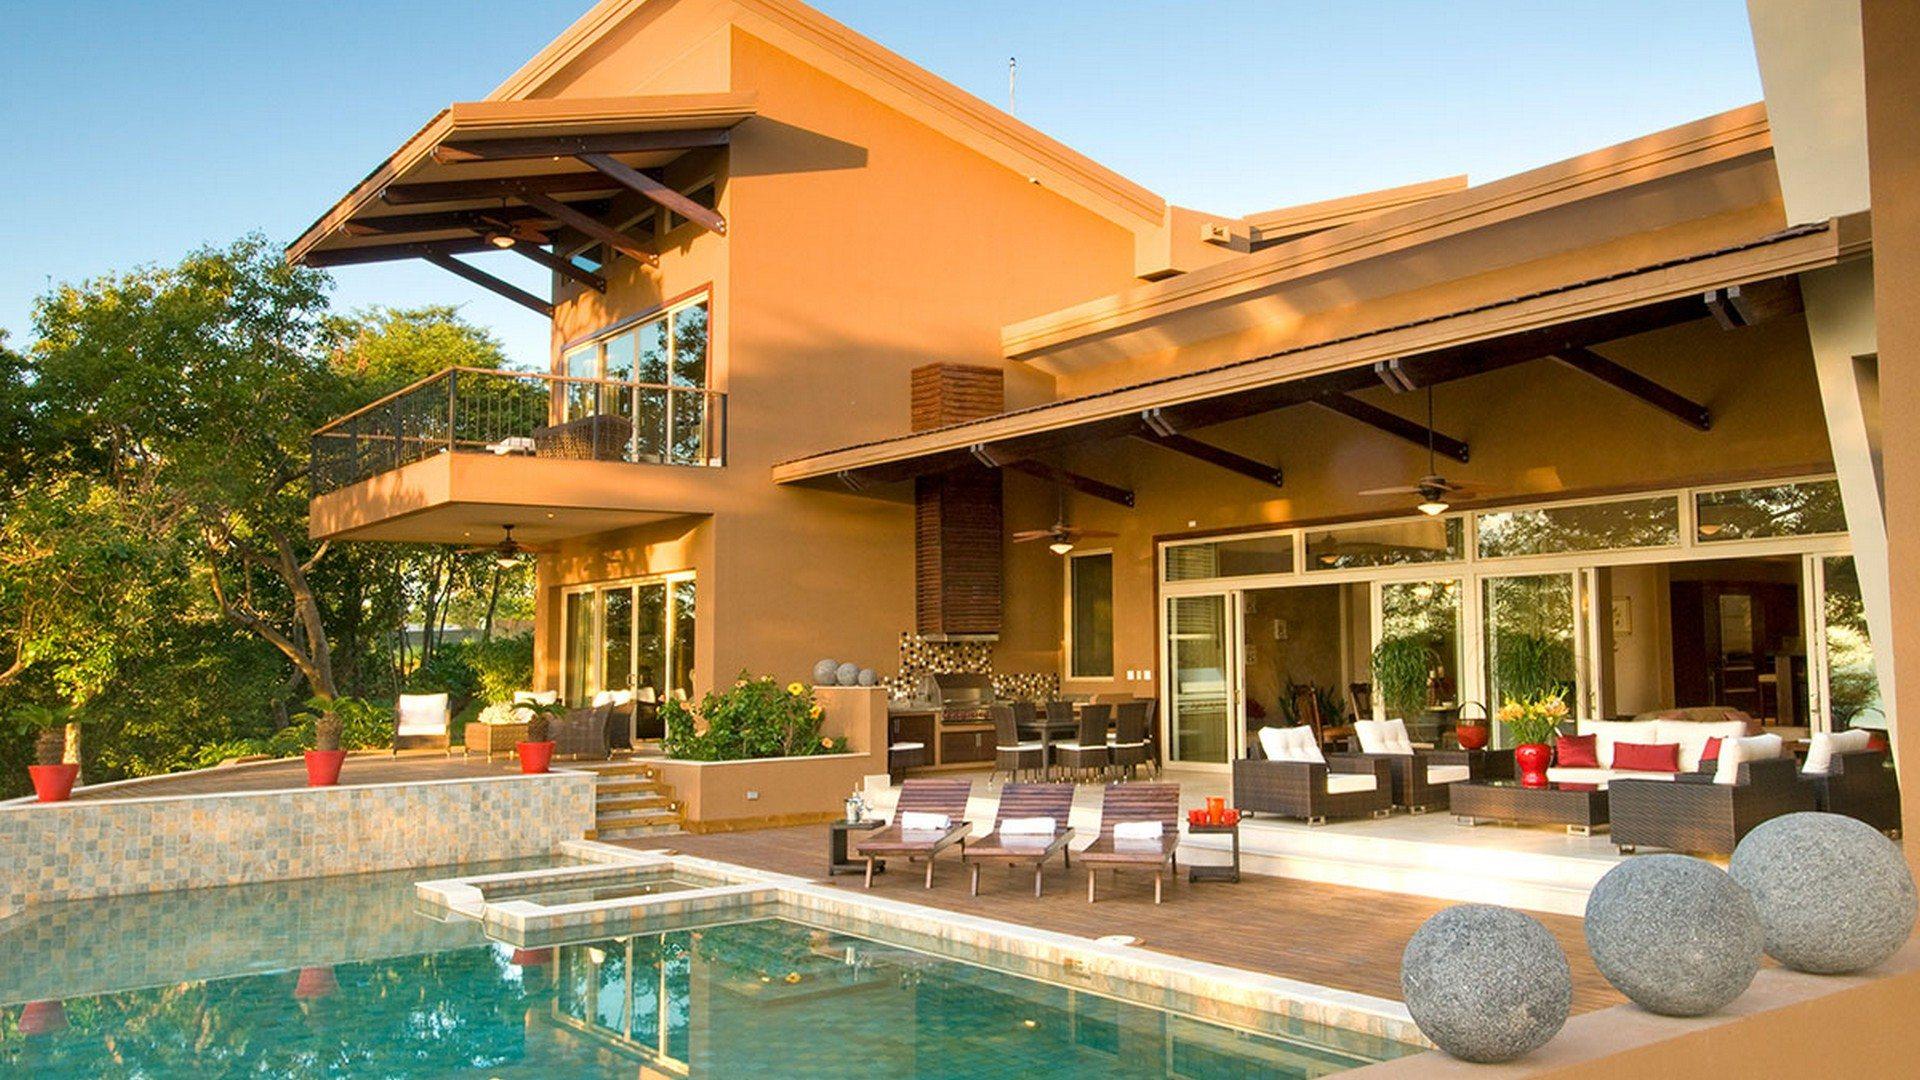 Villa-Belvedere-Deck-Daytime-Costa-Rica-Papagayo-Luxury-UltraVilla